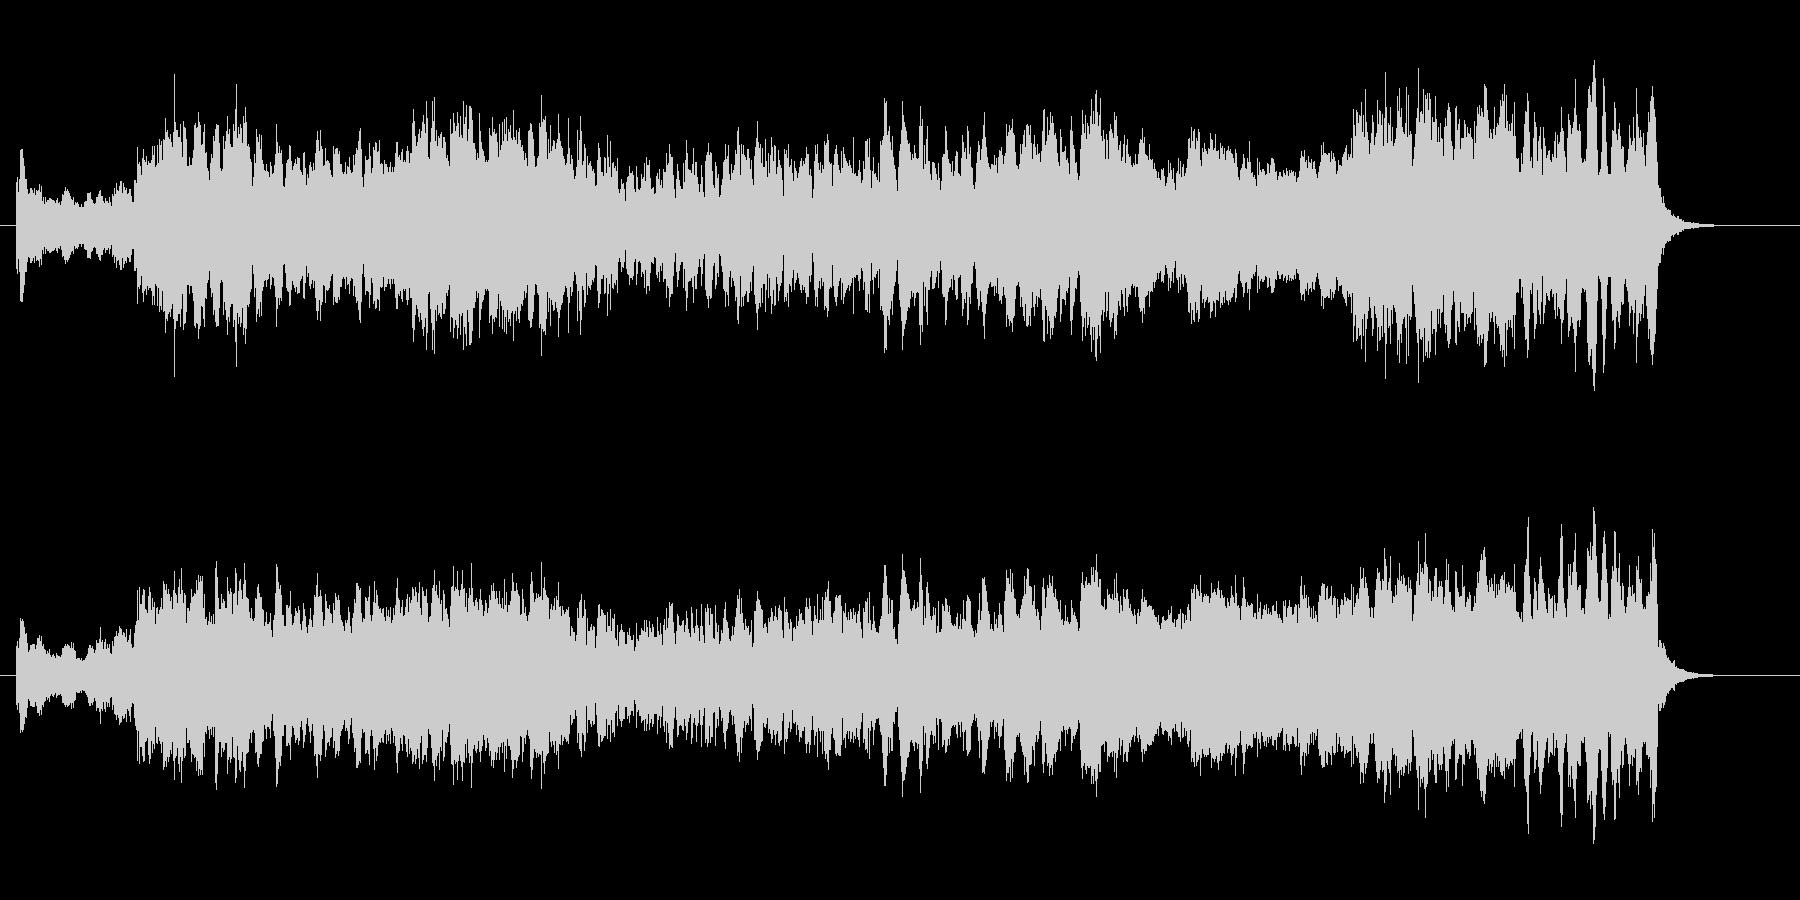 シンフォニック・サウンド/サントラ風の未再生の波形